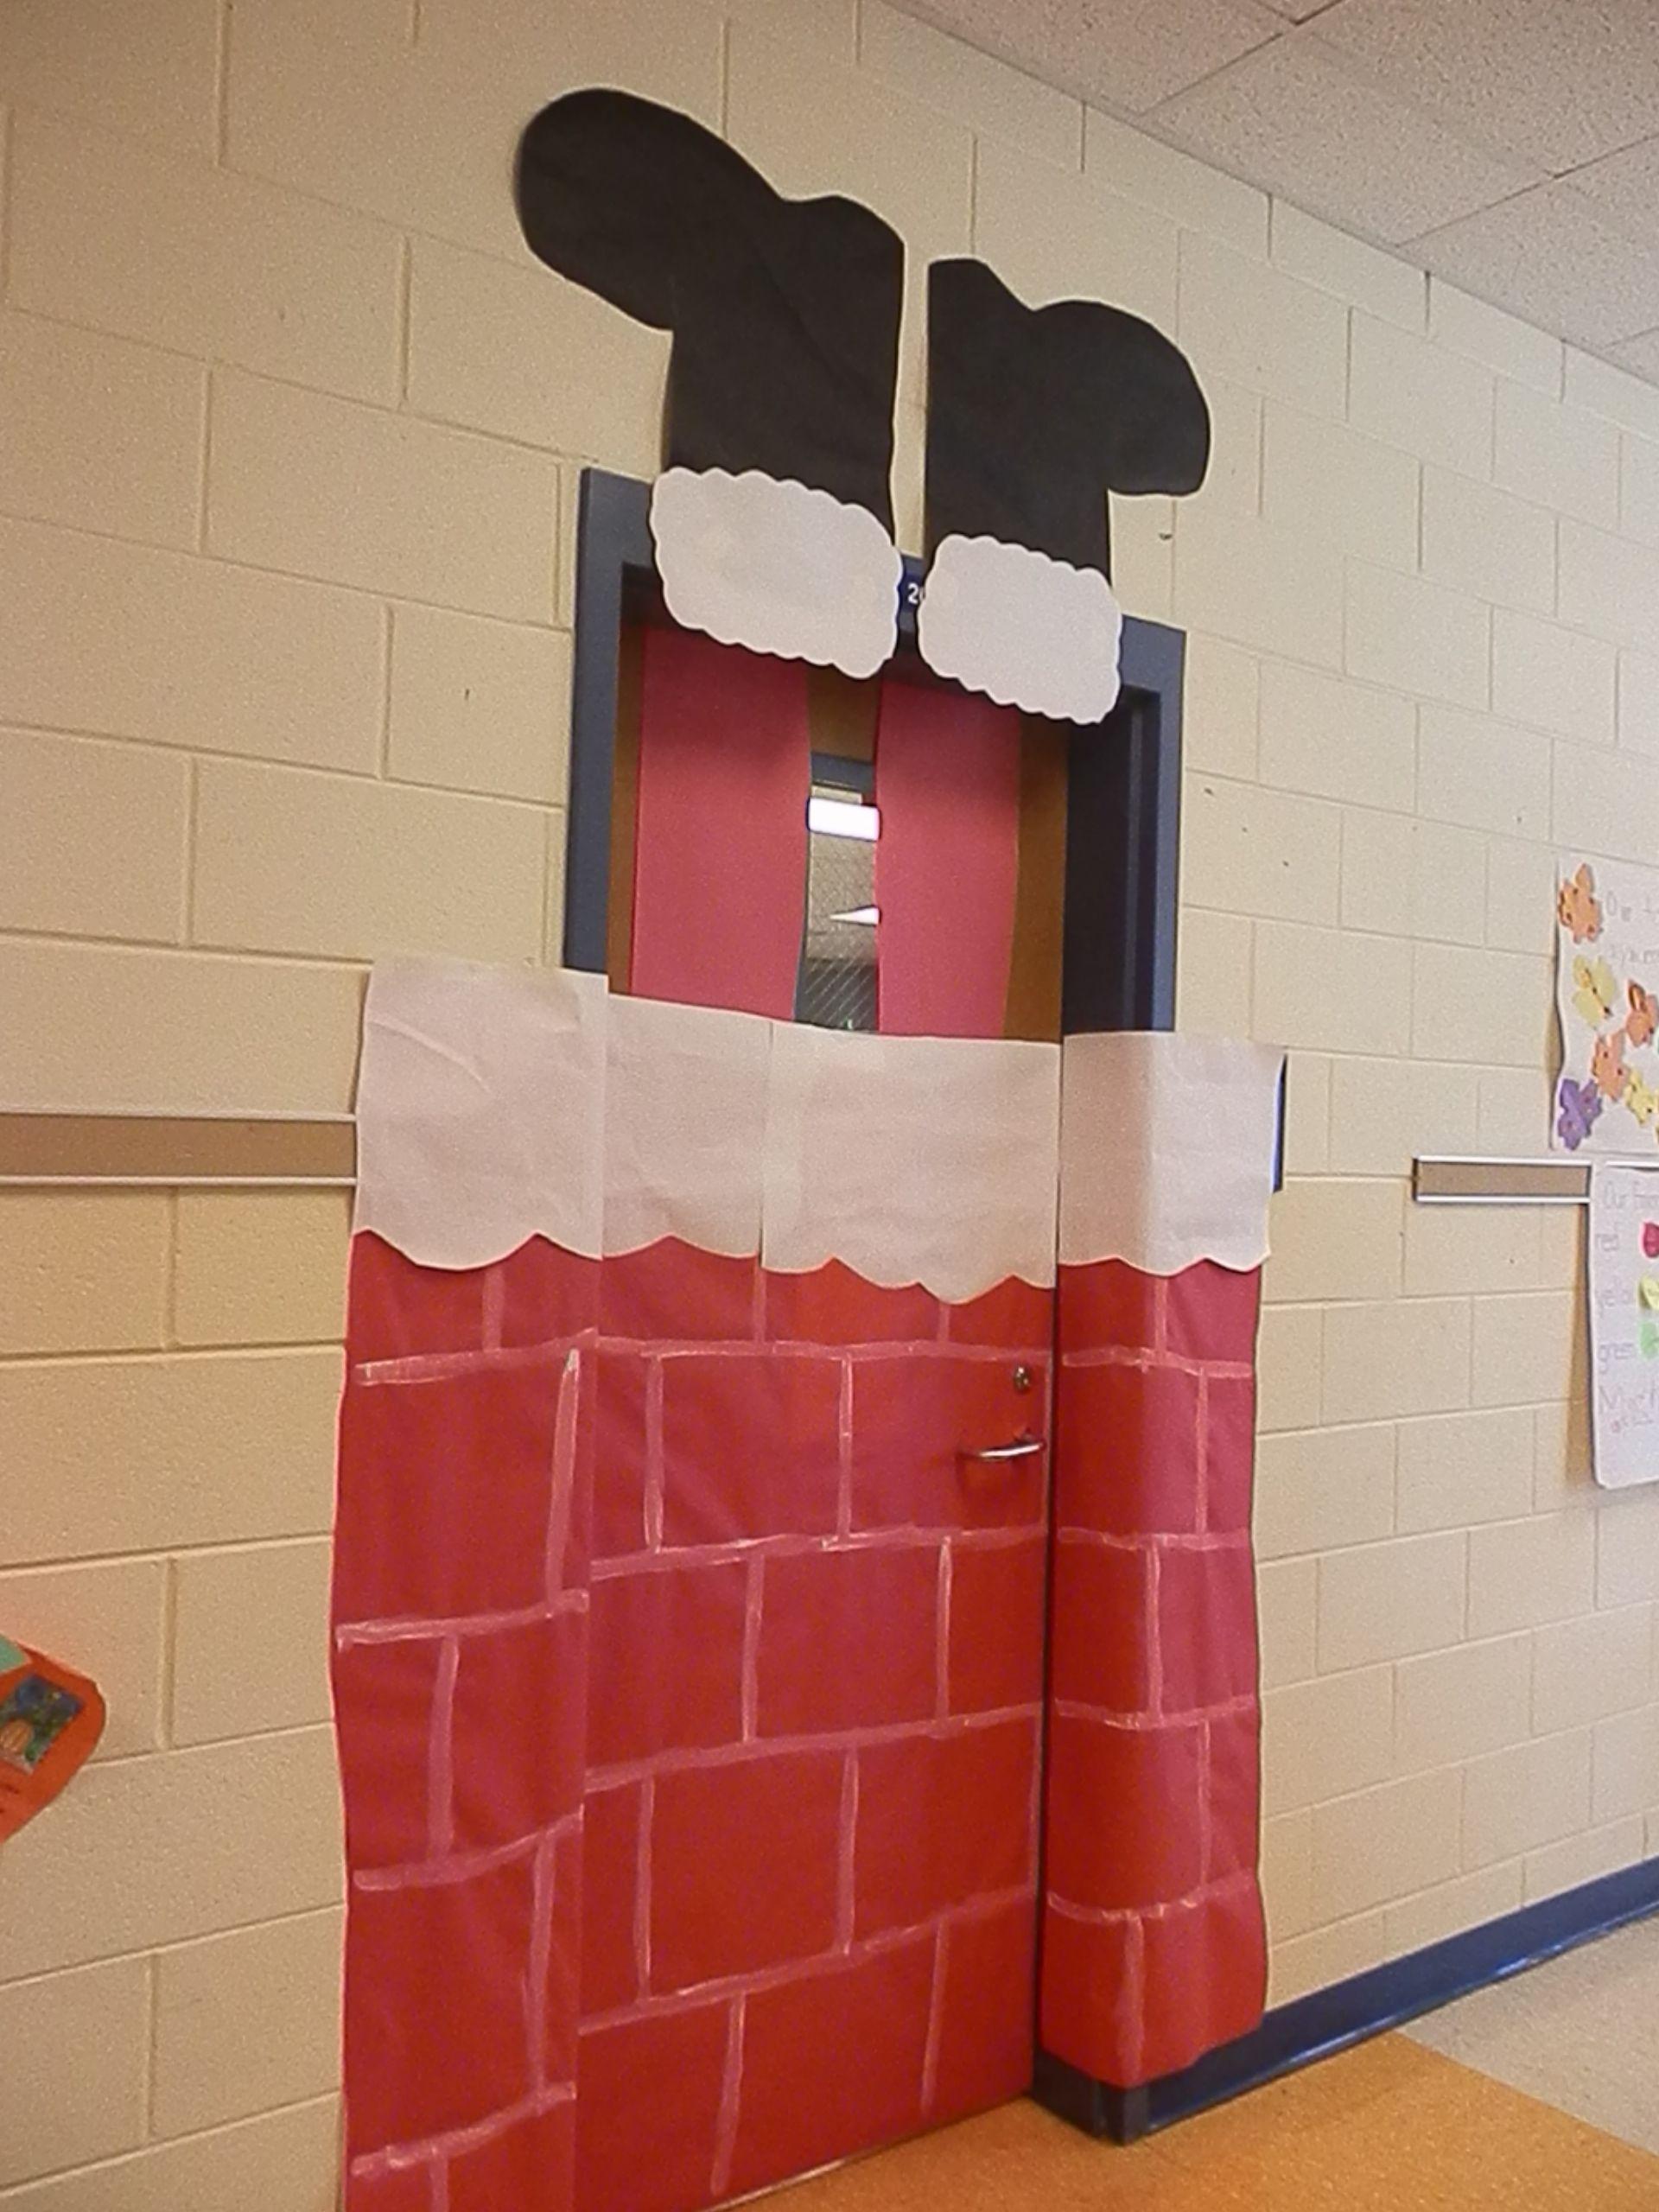 Santa stuck in the chimney door decoration